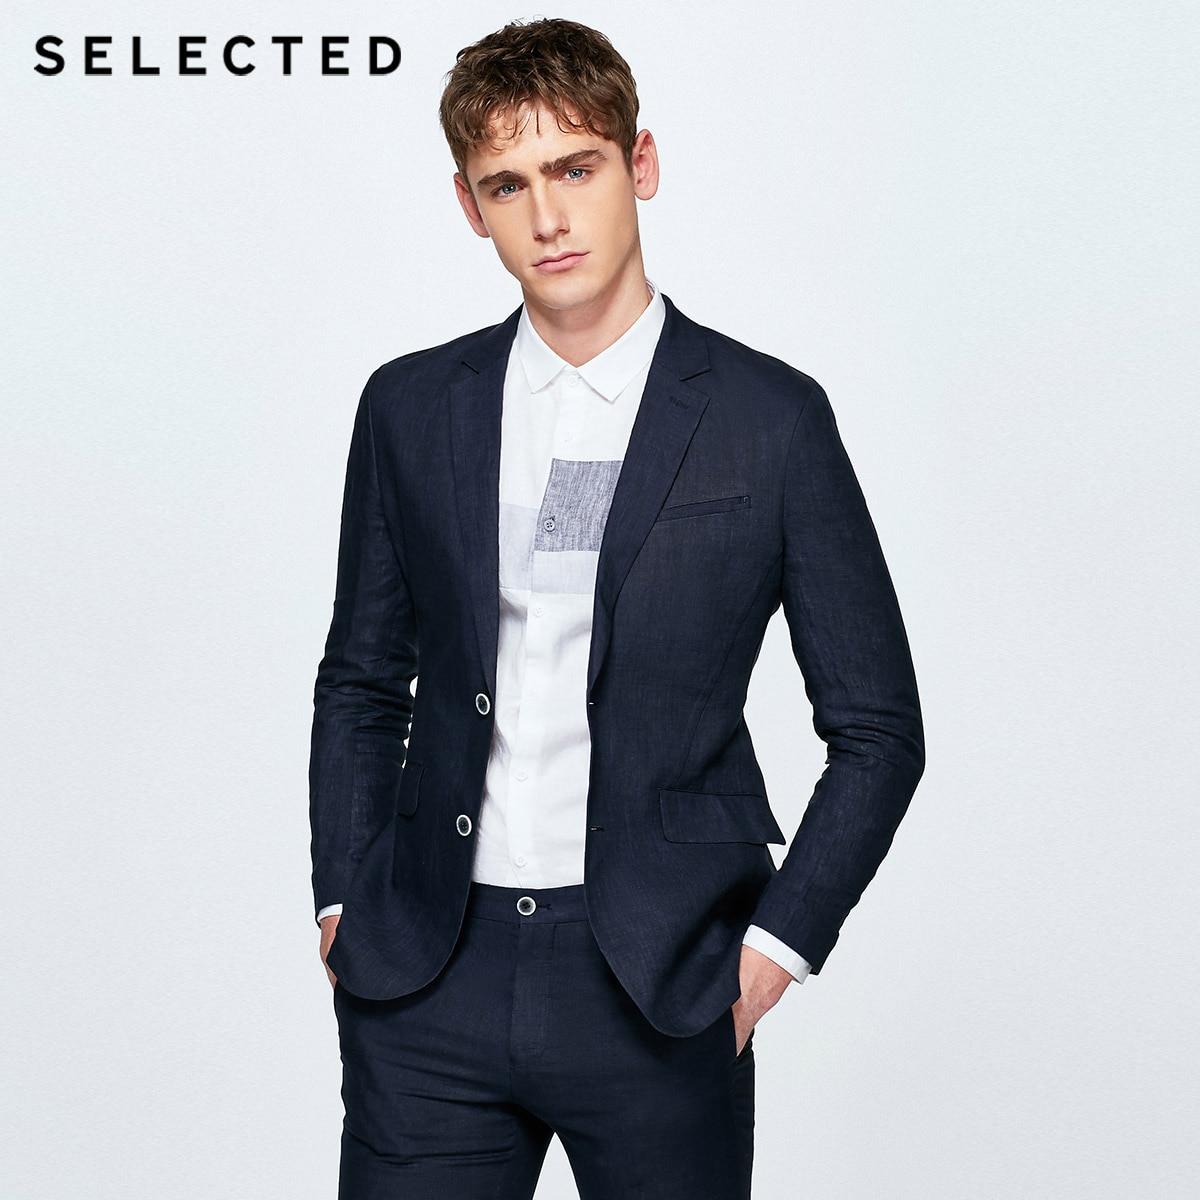 MLMR Men s Winter Medium Style Black Duck Down Jacket Outerwear Male Casual Coat Menswear 218312517